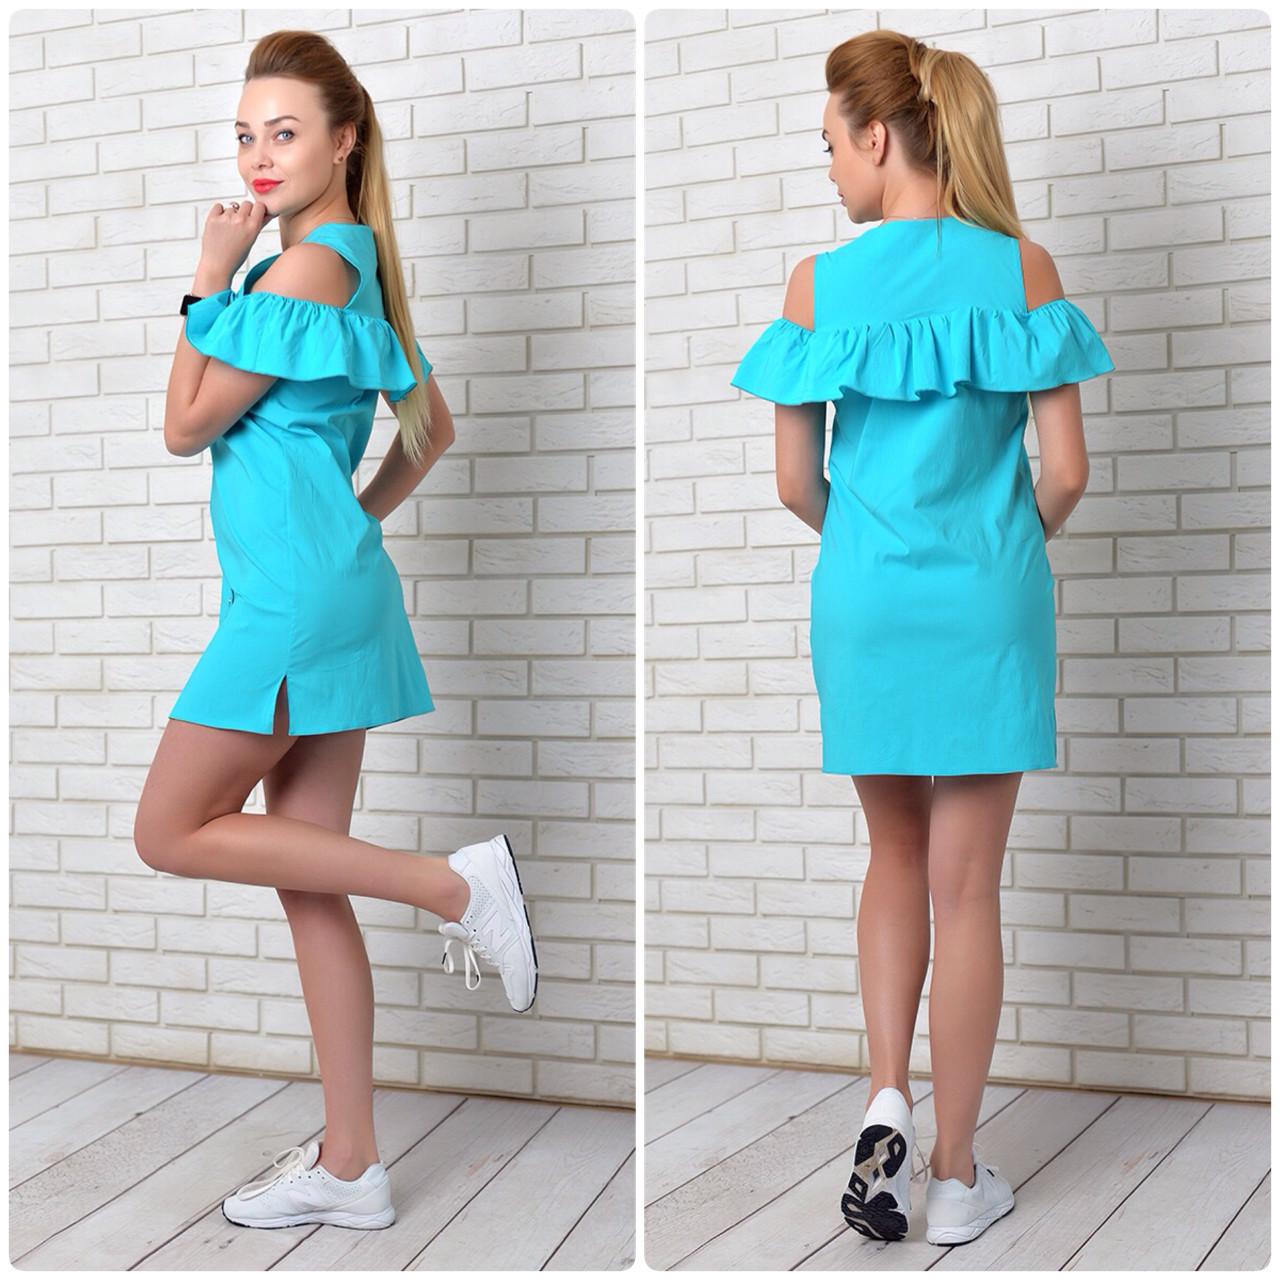 Платье, модель 906, цвет  - голубой